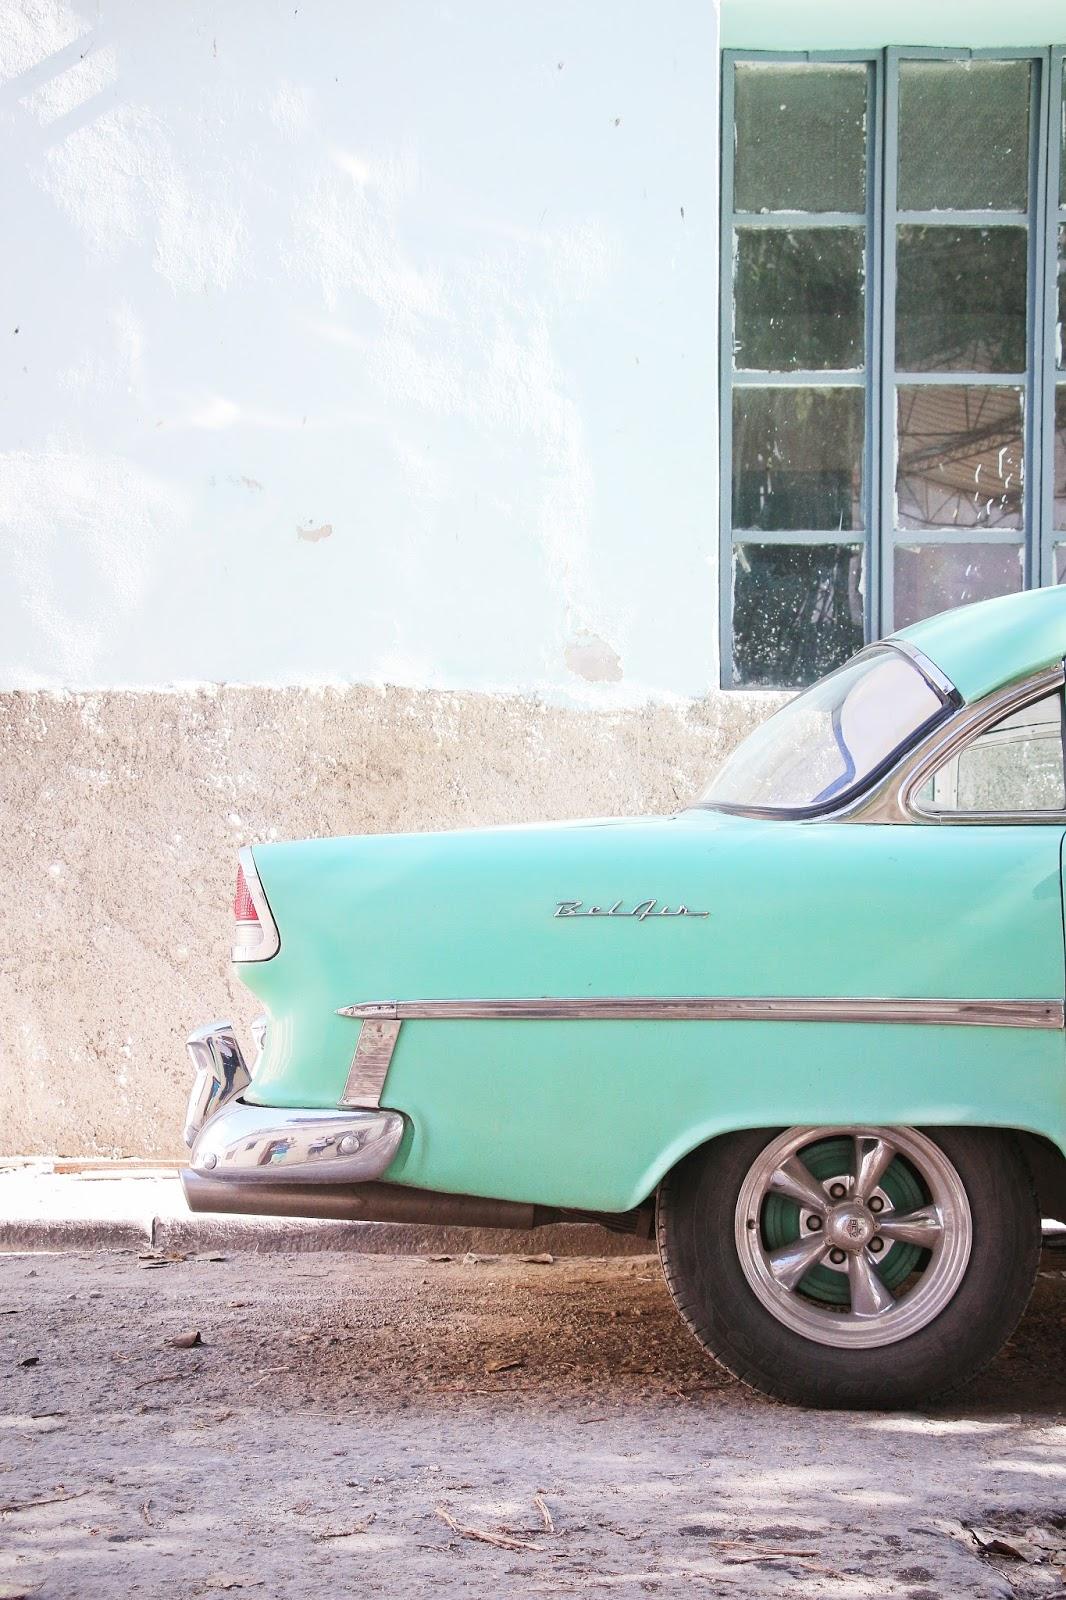 Chevrolet Bel Air turquoise à La Havana - Cuba